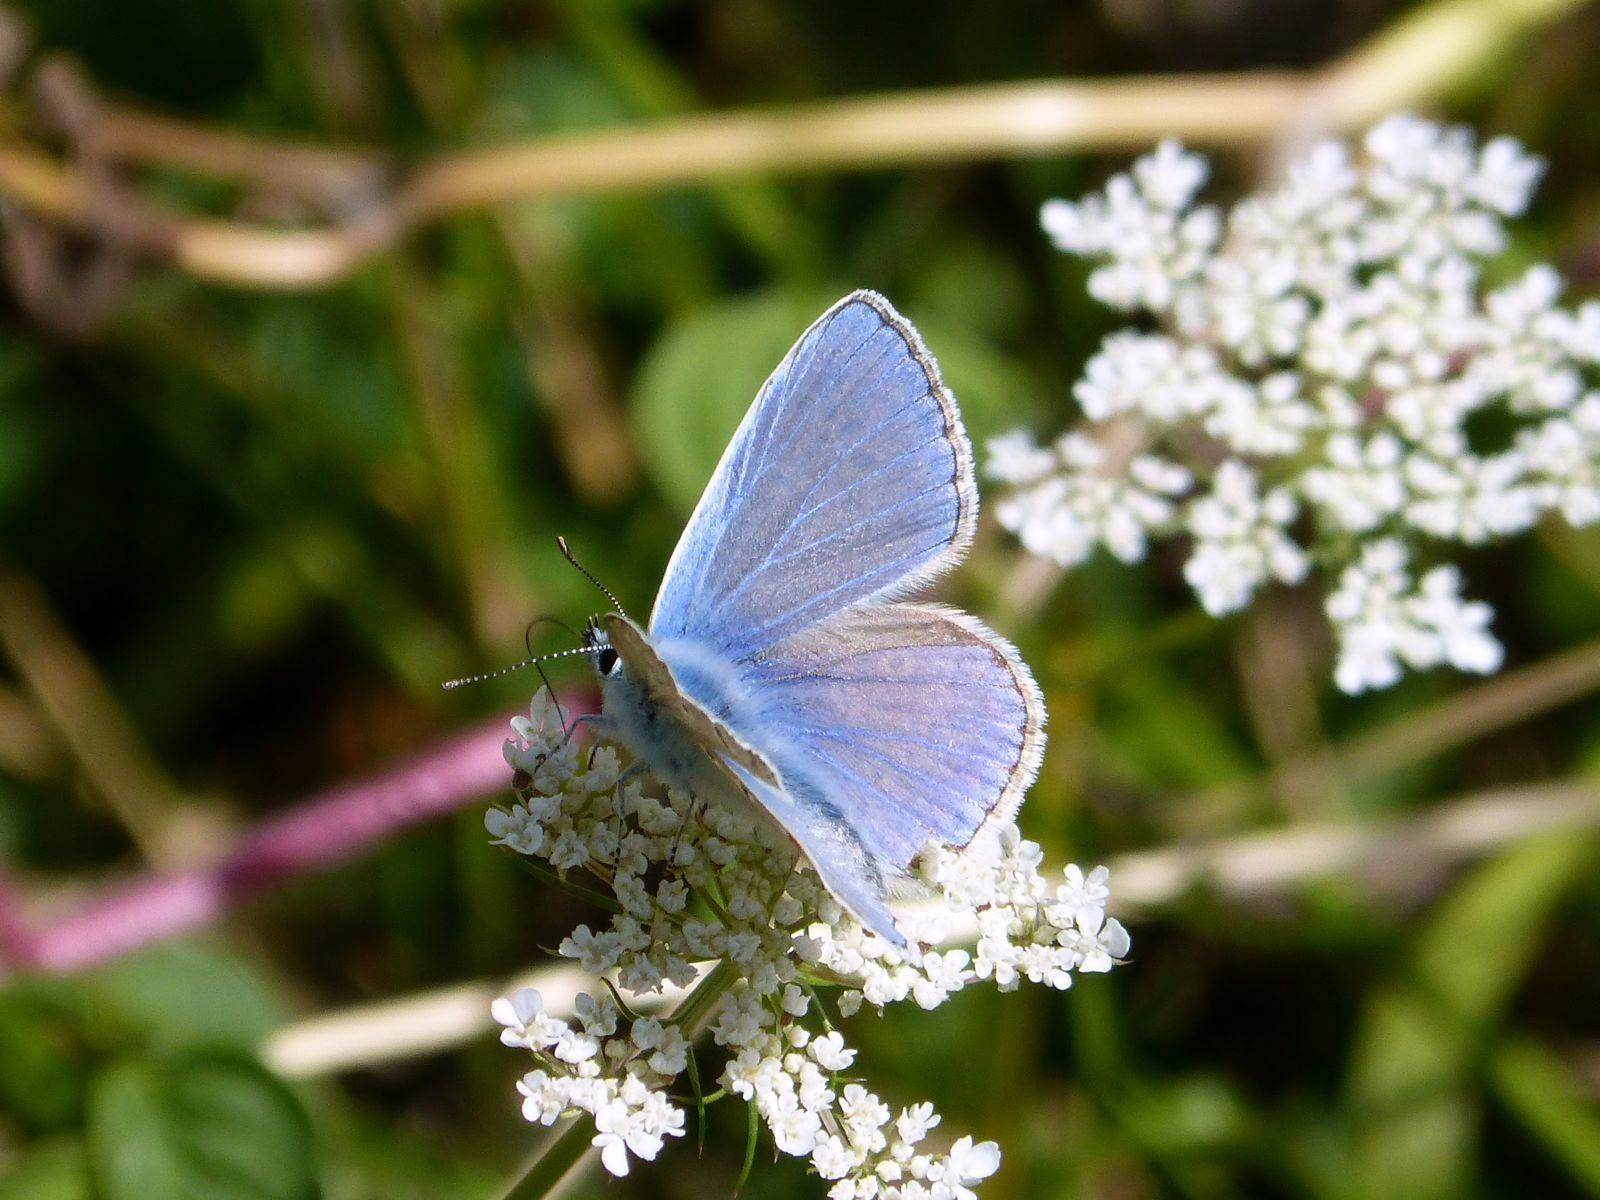 Restons sur les papillons voulez-vous et éteignons la lumière